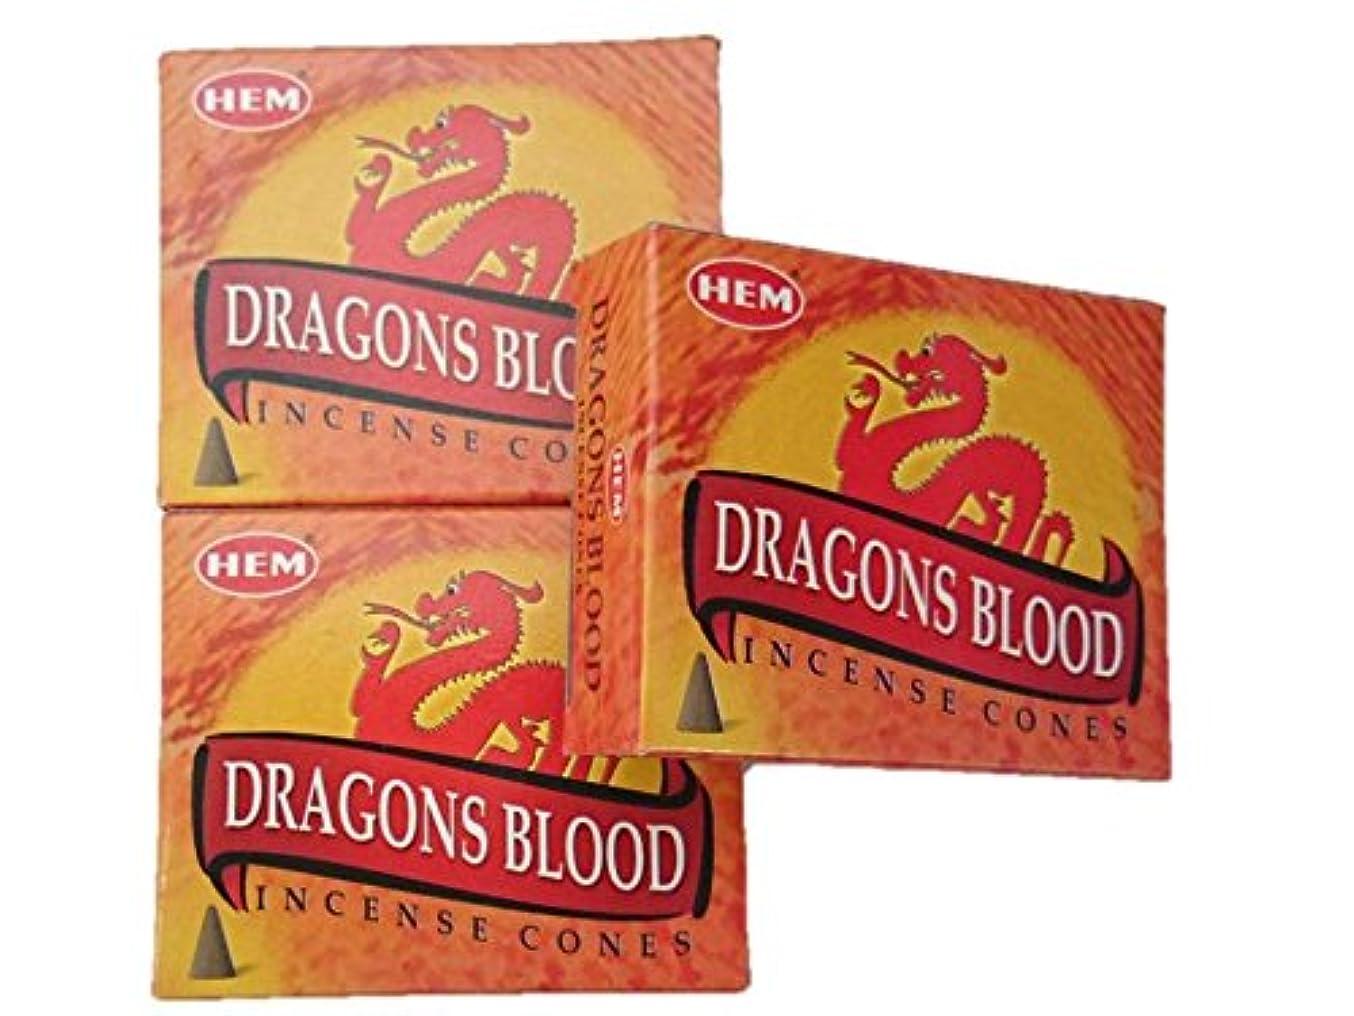 口径管理しますブラザーHEM(ヘム)お香 ドラゴンズ ブラッド コーン 3個セット